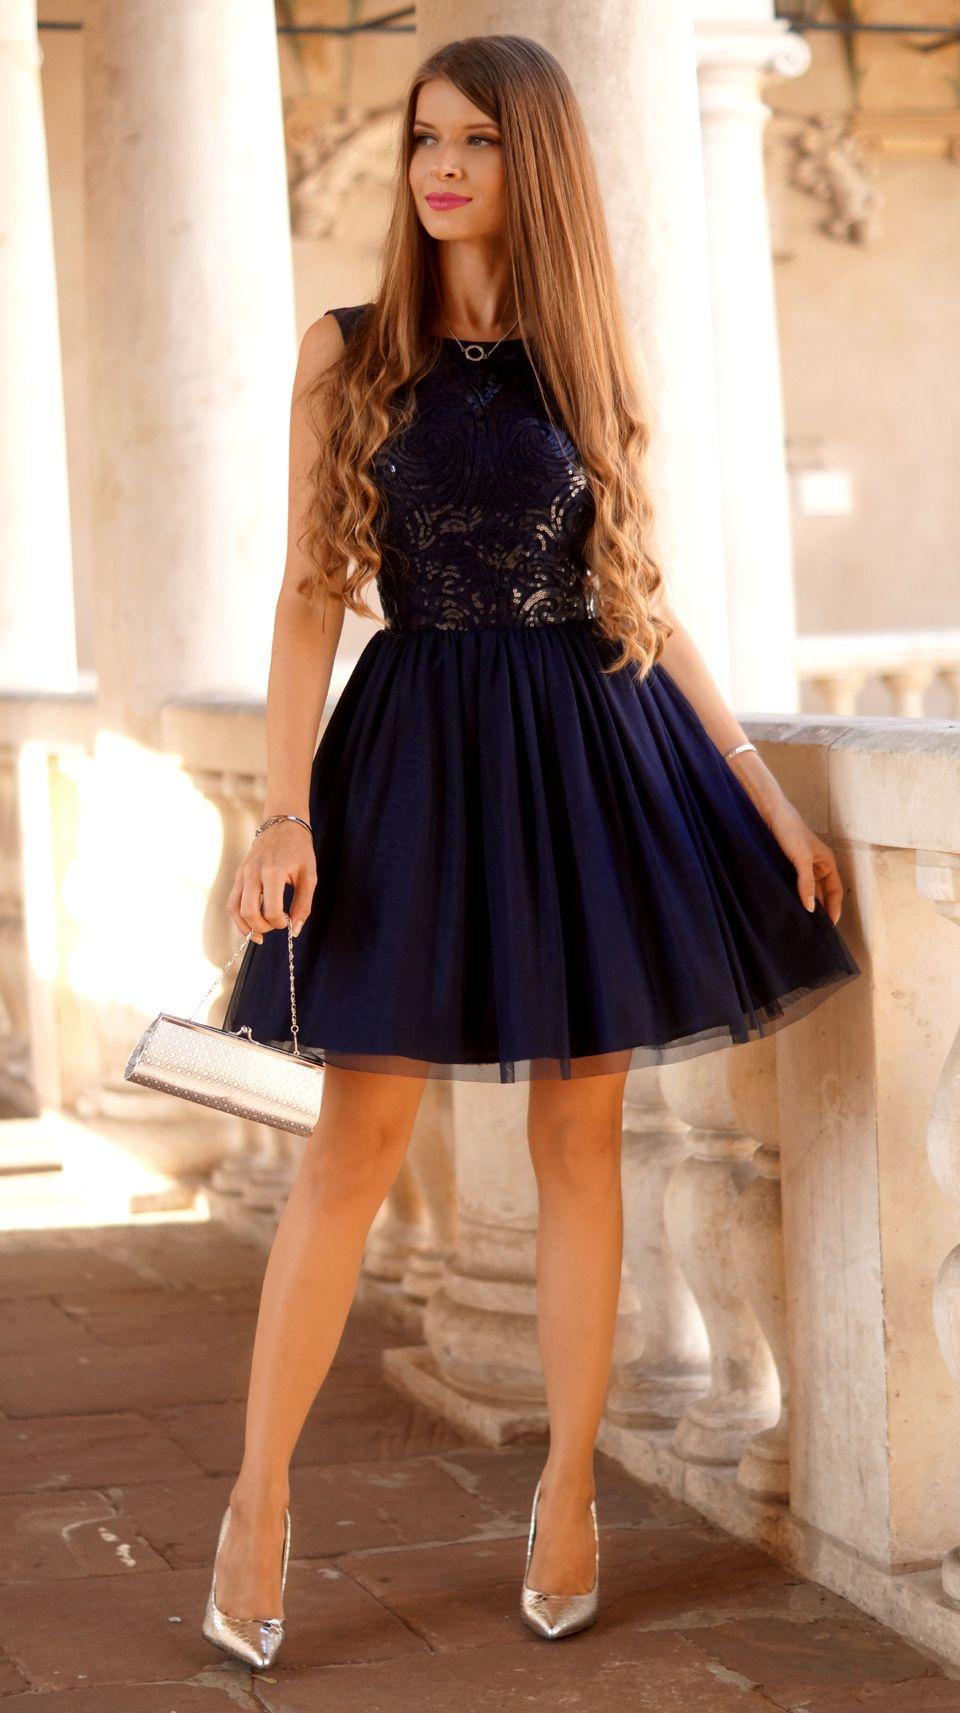 Dealnie Skrojona Rozkloszowana Sukienka Wykonana Z Wysokiej Jakosci Tkaniny I Kilku Warstw Elastycznego Miekkiego Przyj Short Dresses Dresses Cocktail Dress